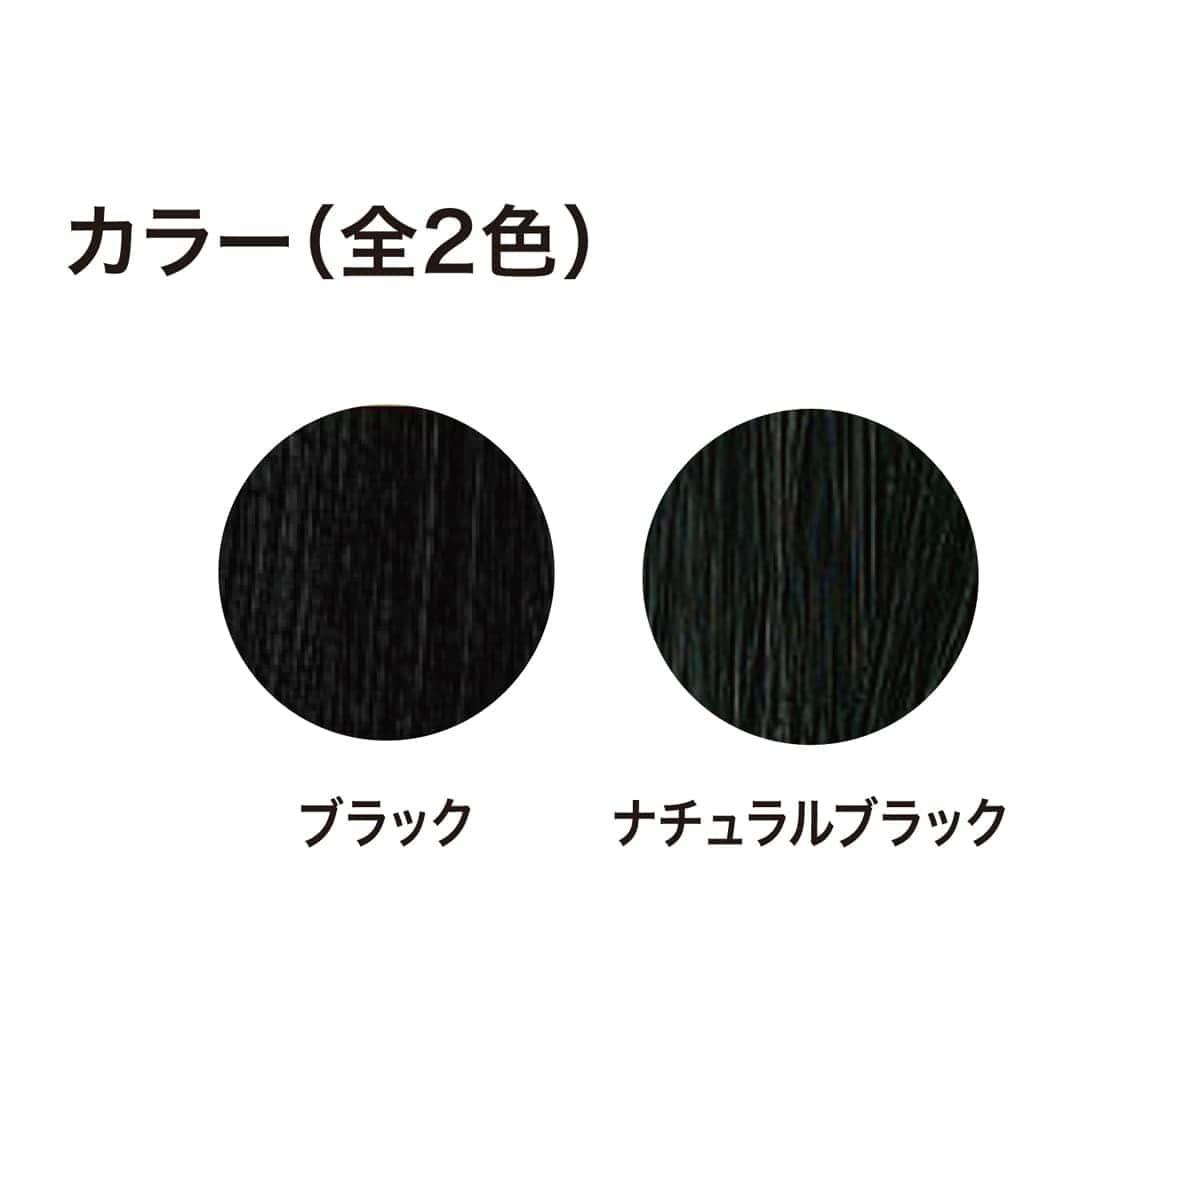 アートミクロン パウダー(20g) 単品